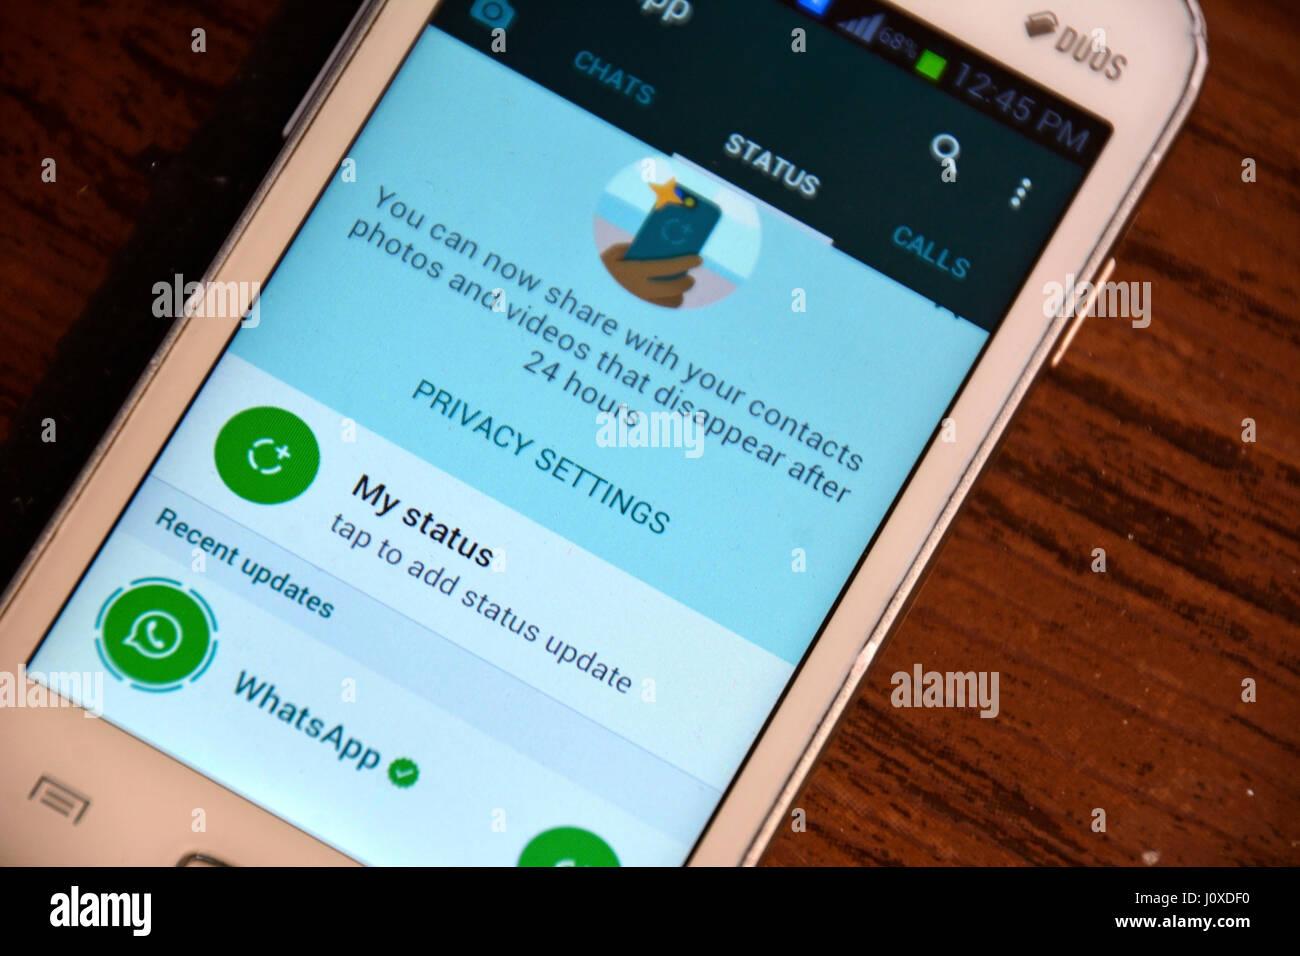 WhatsApp-Status datiert